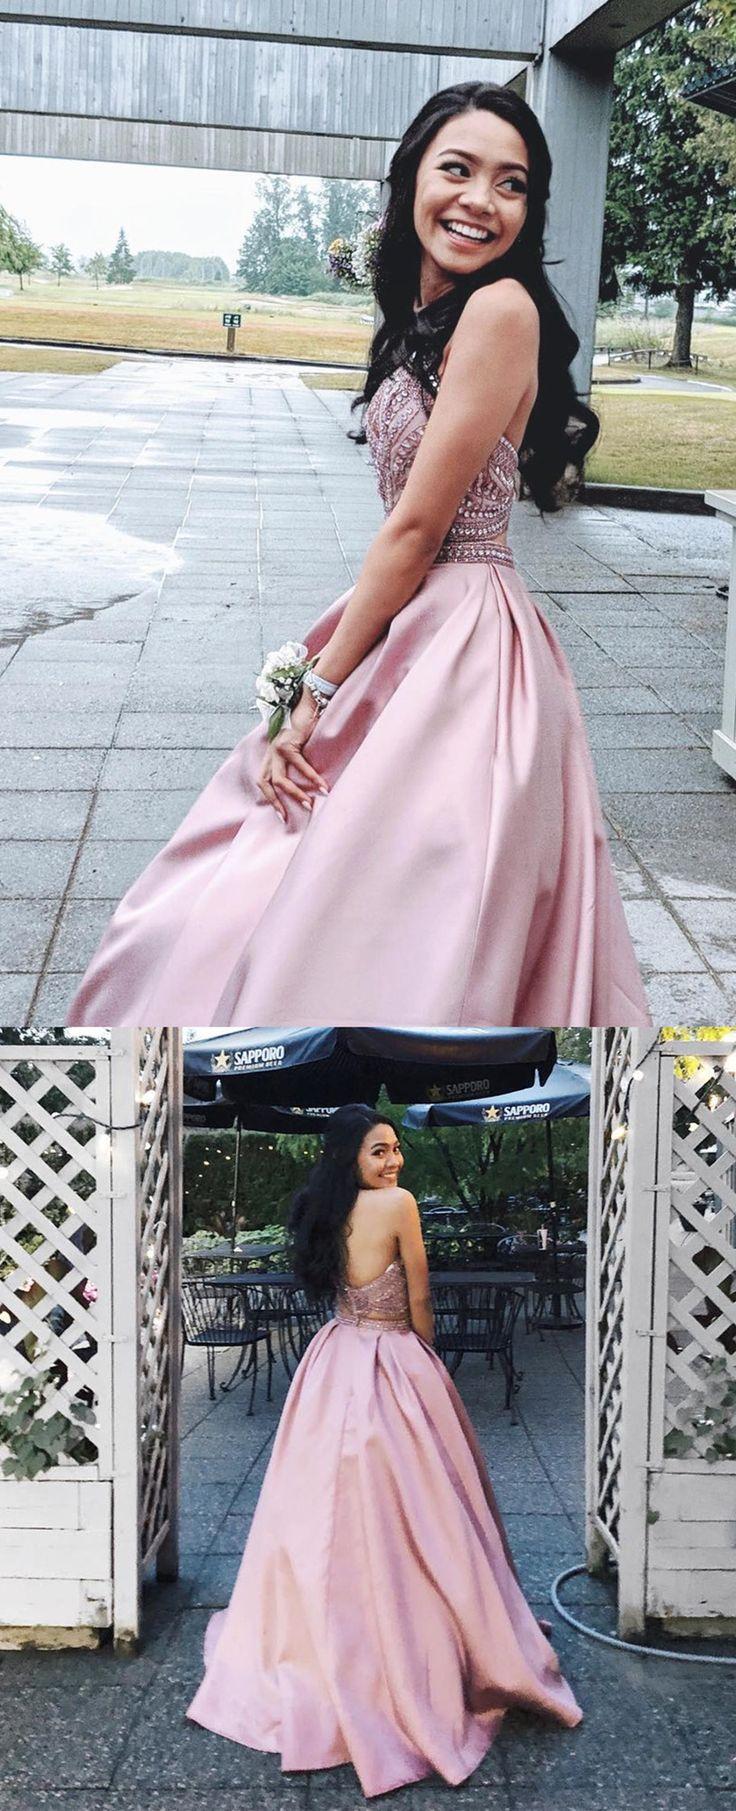 Zweiteilige rosa lange Ballkleider mit Perlen oben, 2019 Abendkleid, Satin Abendkleid Graduation Dress Ballkleid